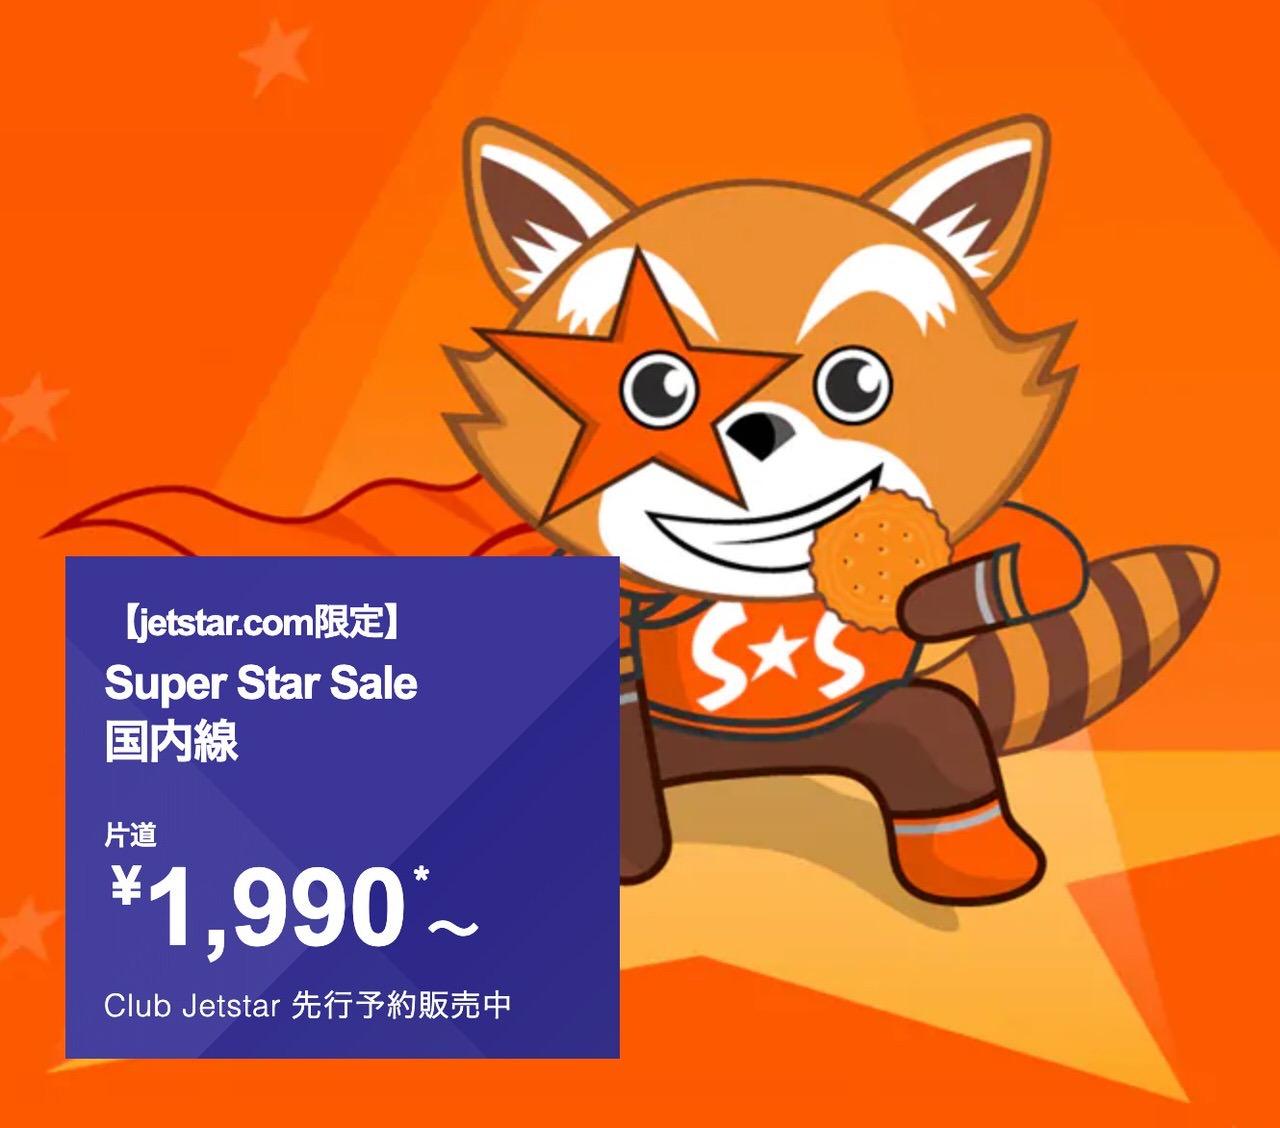 【ジェットスター】国内線1,990円からの「スーパースターセール」(5/15まで)